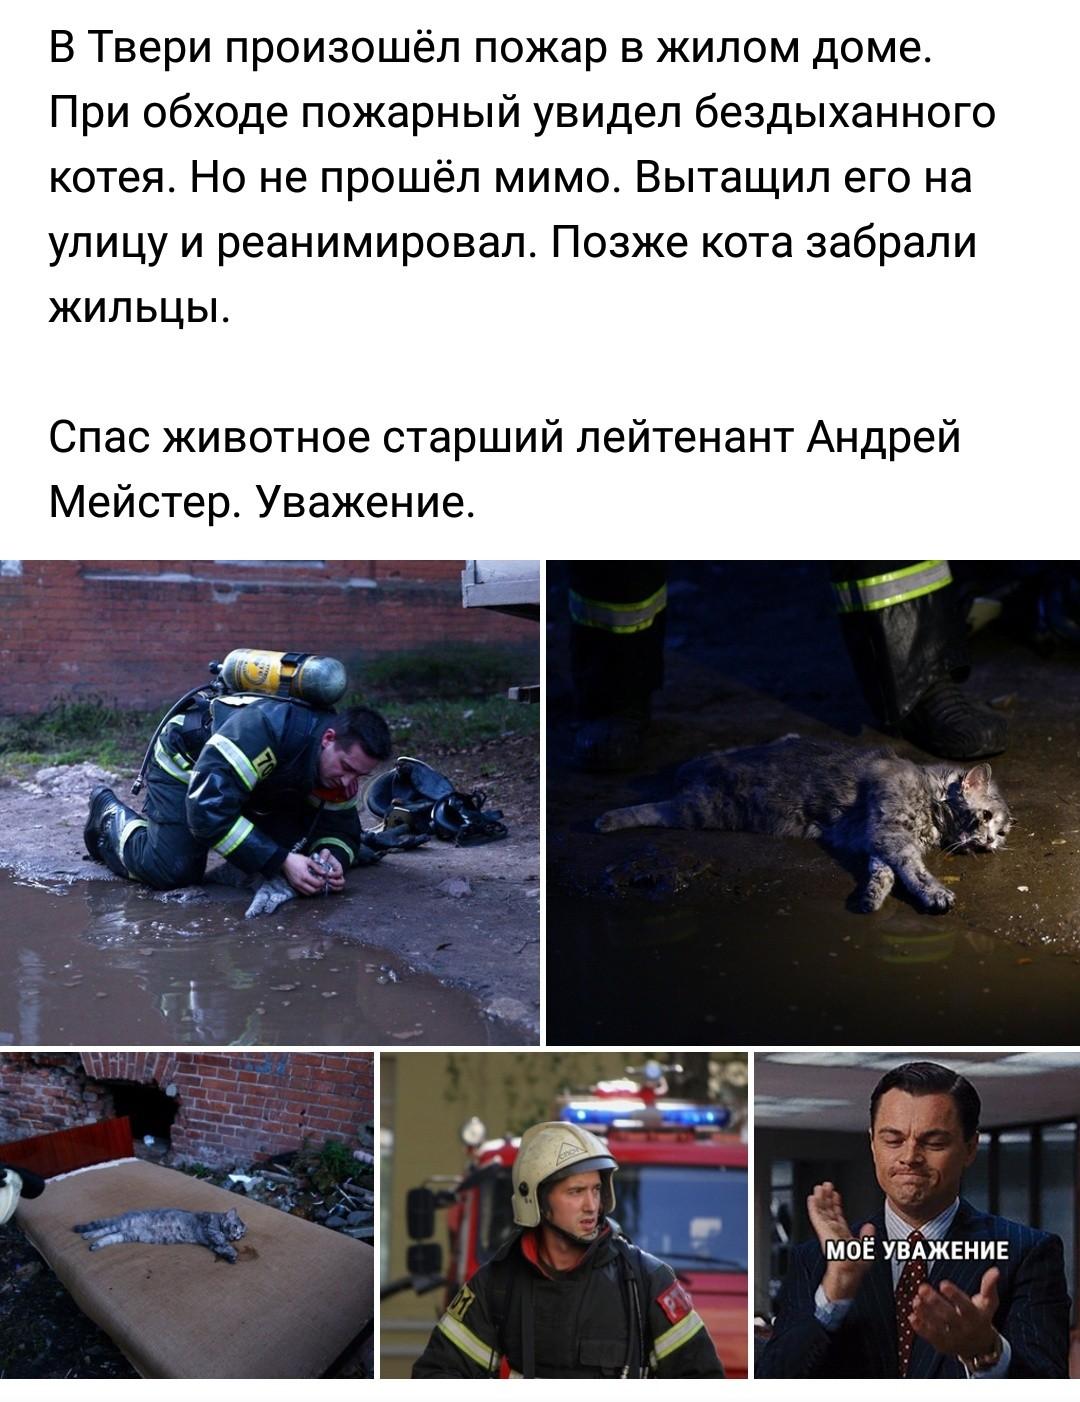 Героический пожарный и спасённый кот из Твери набирают популярность в интернете